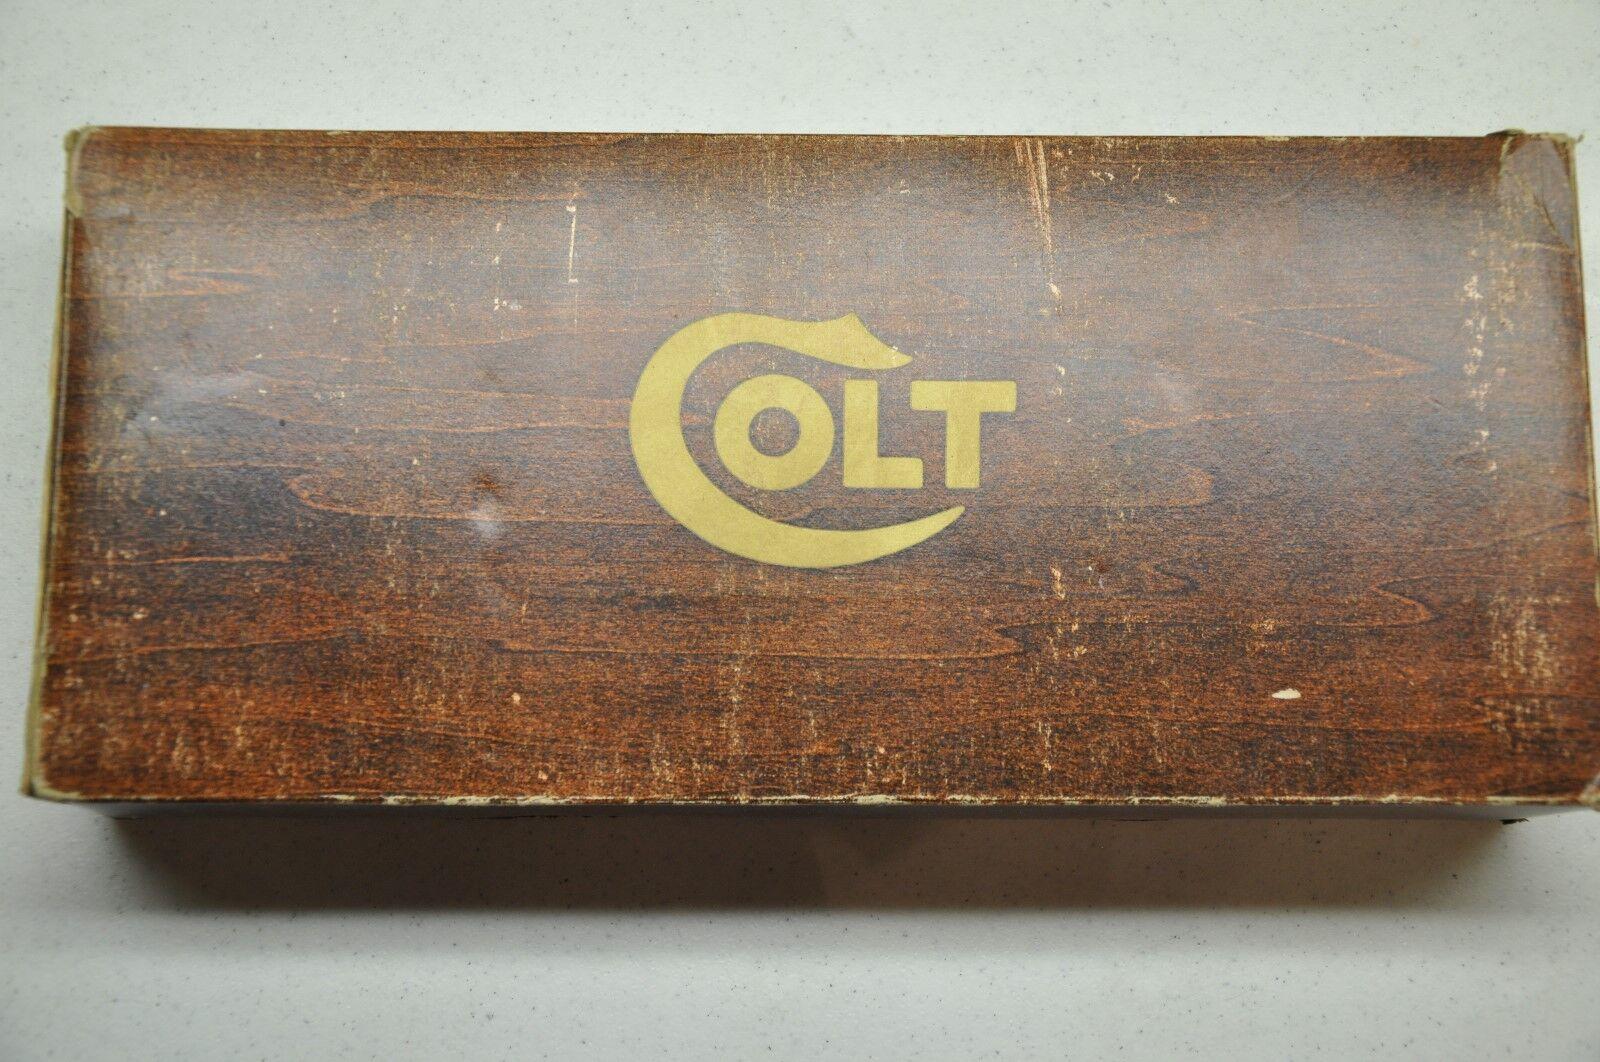 Colt Saa 5 1 2 BBL 45 LC grano de madera caja de espuma de poliestireno